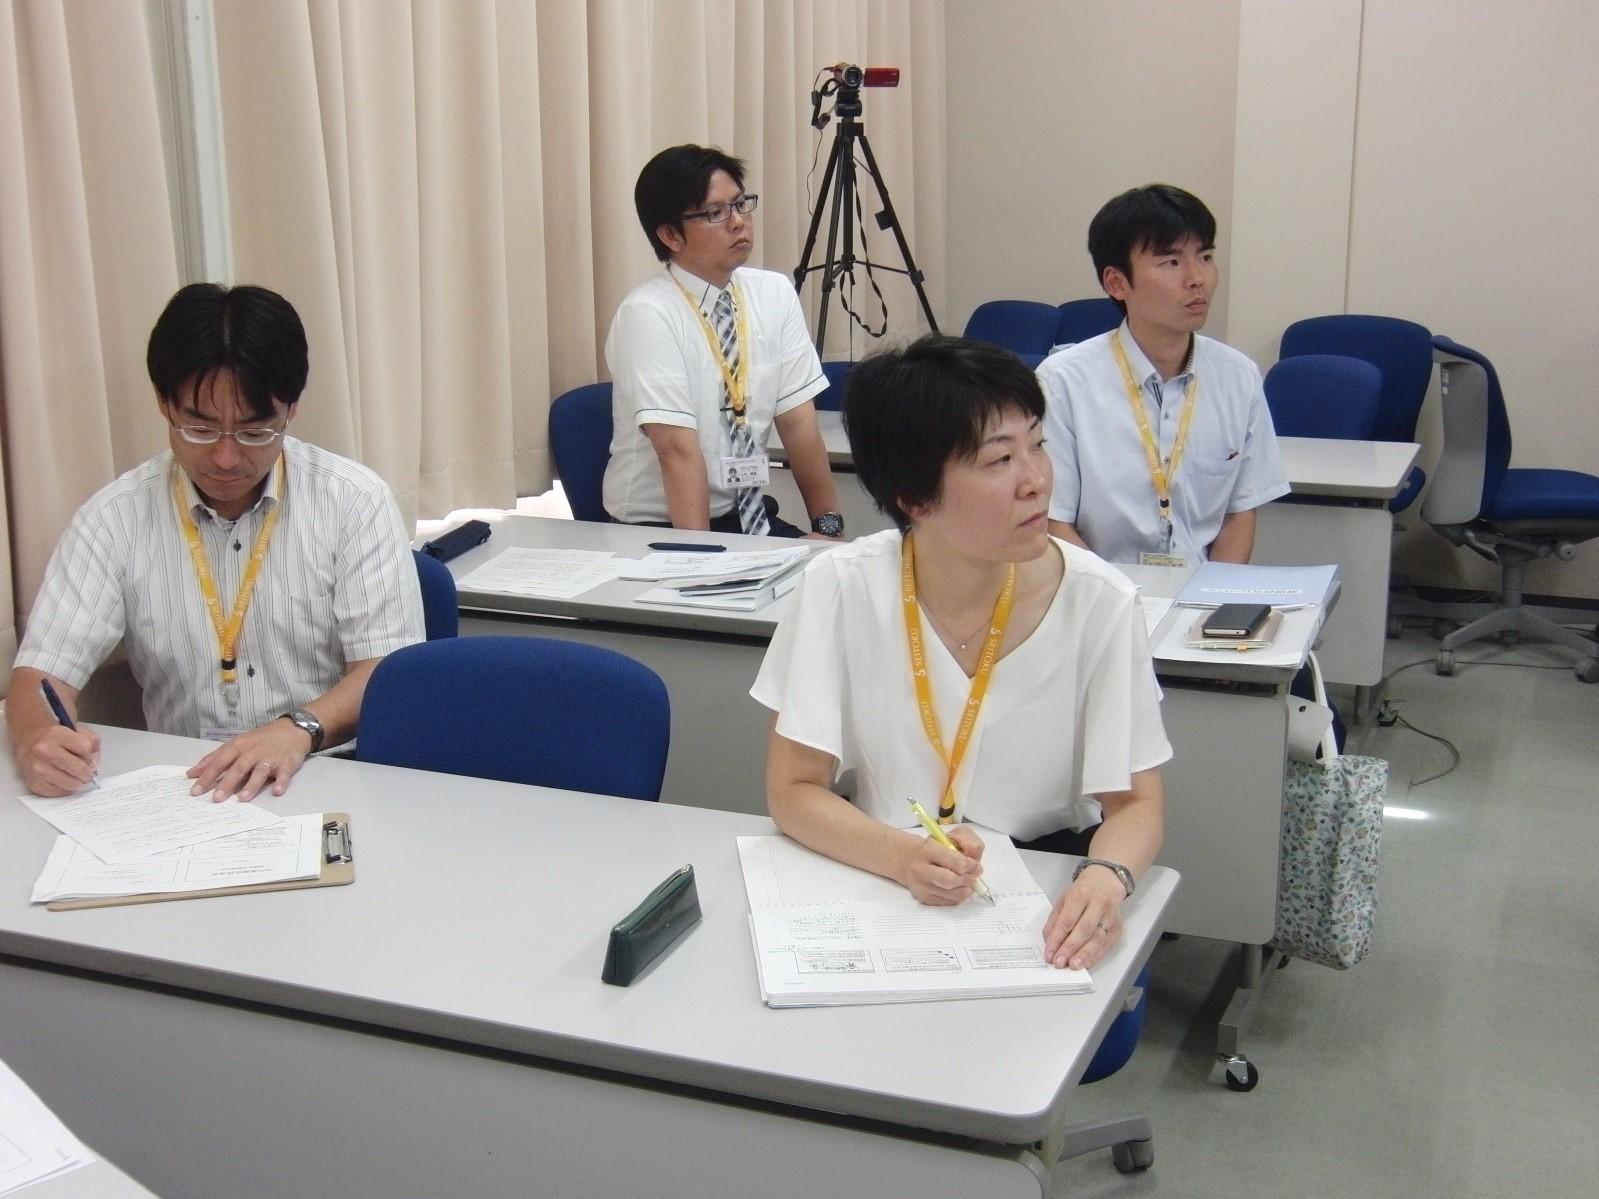 特別教職実践演習が開催されました。